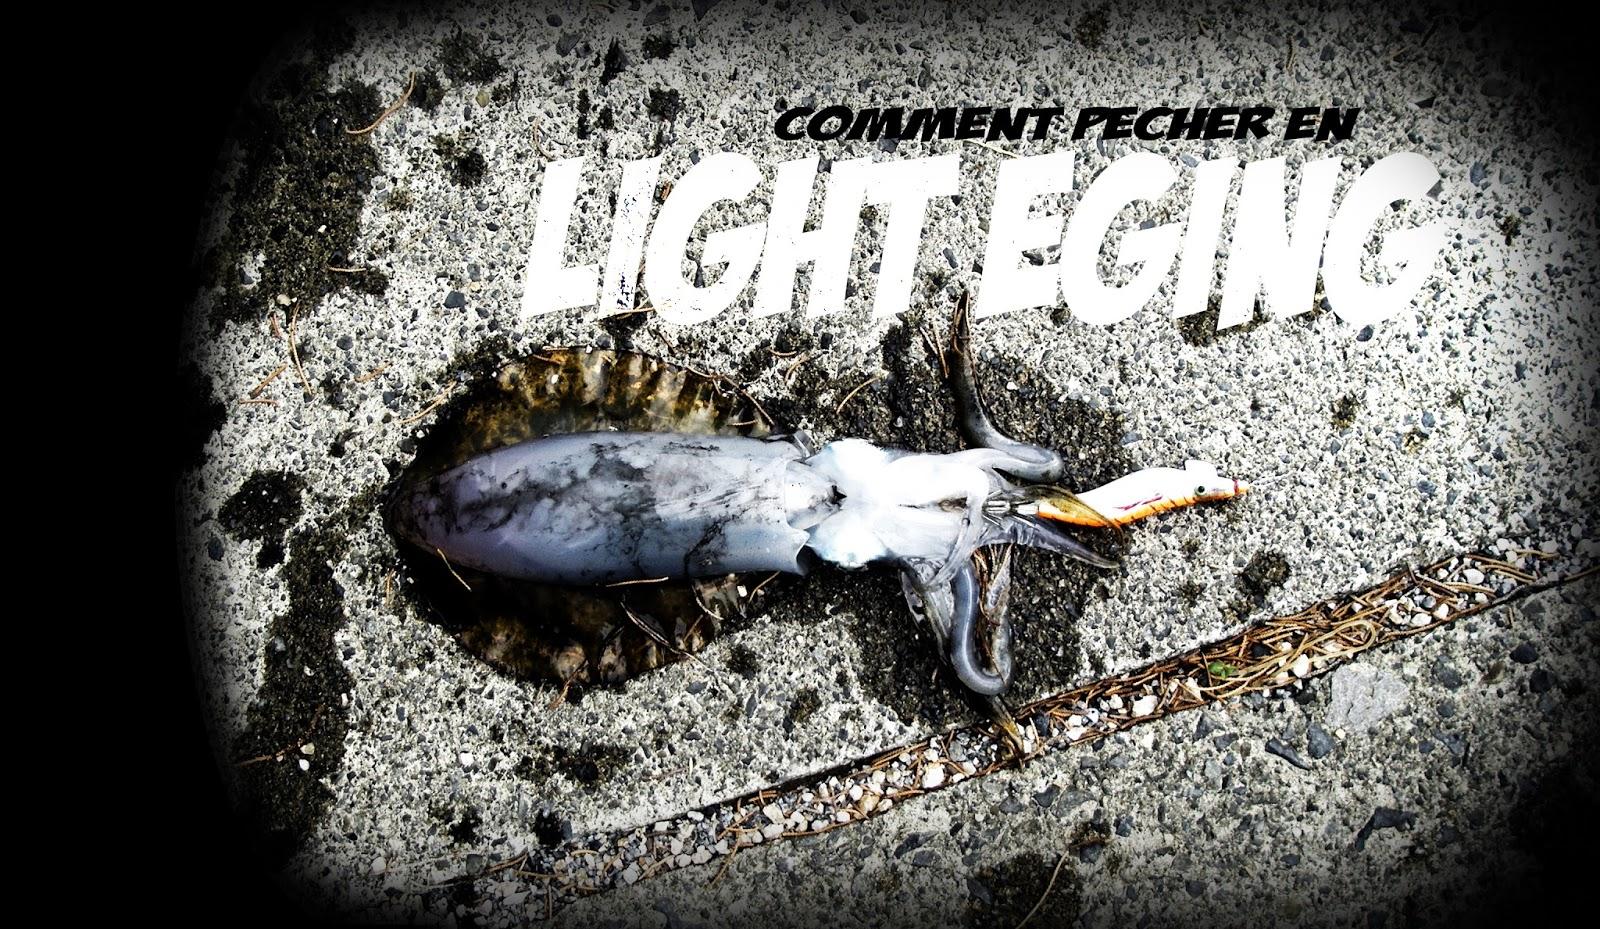 Comment pecher le calamar en light eging peche sans killer - Comment cuisiner les calamars ...